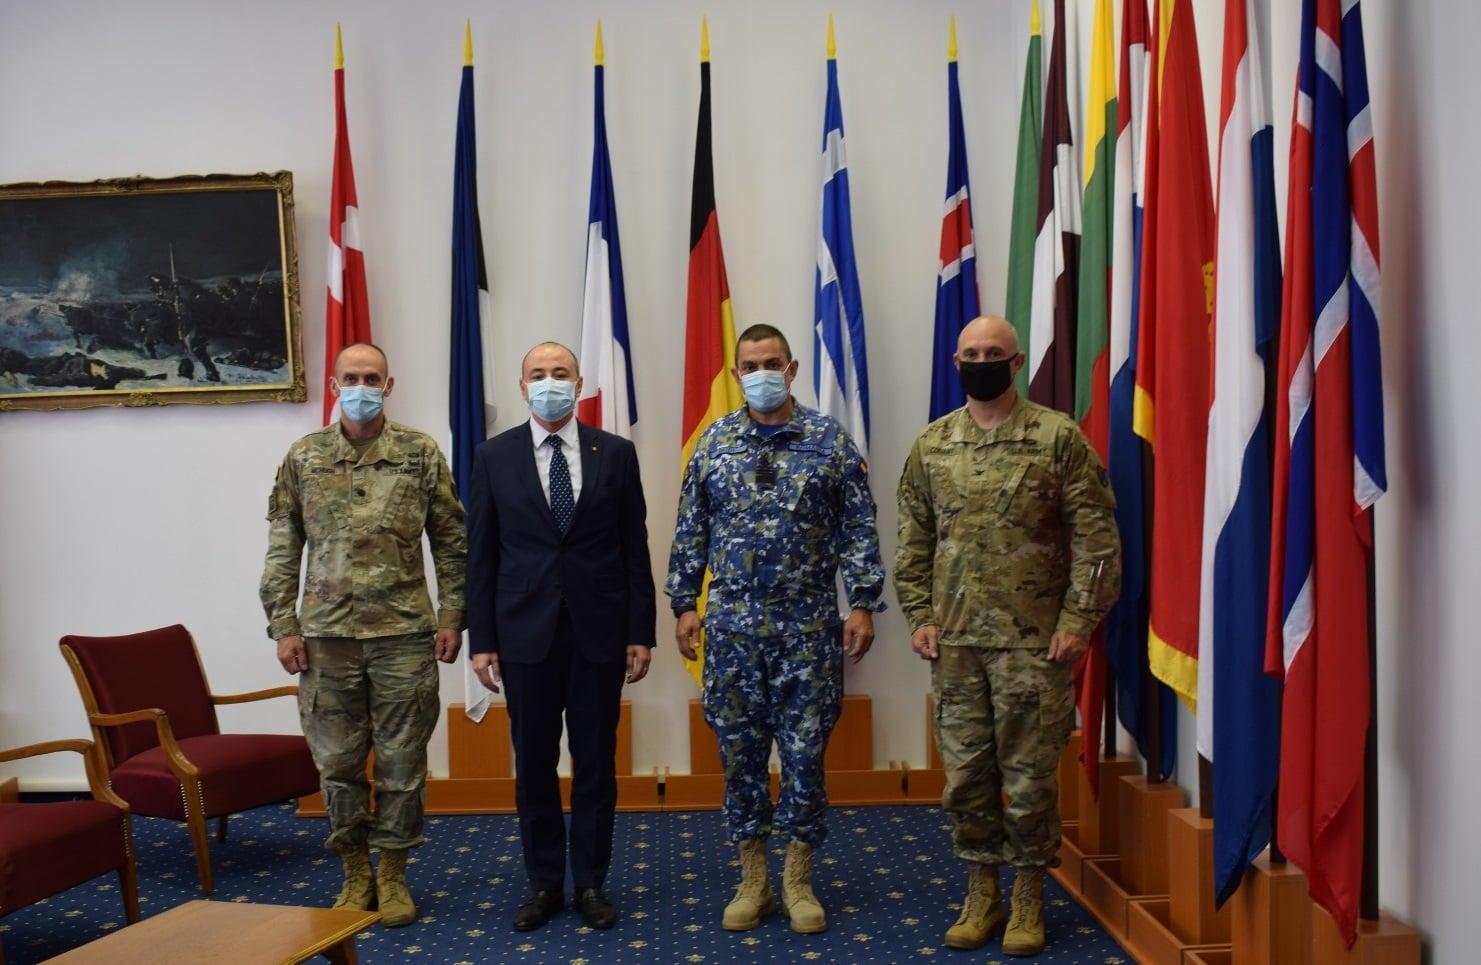 NEWS UMPMV-Noul ambasador al României în SUA, Andrei Muraru, în vizită la Baza Mihail Kogălniceanu: Suplimentarea efectivelor de militari americani în România reprezintă o prioritate